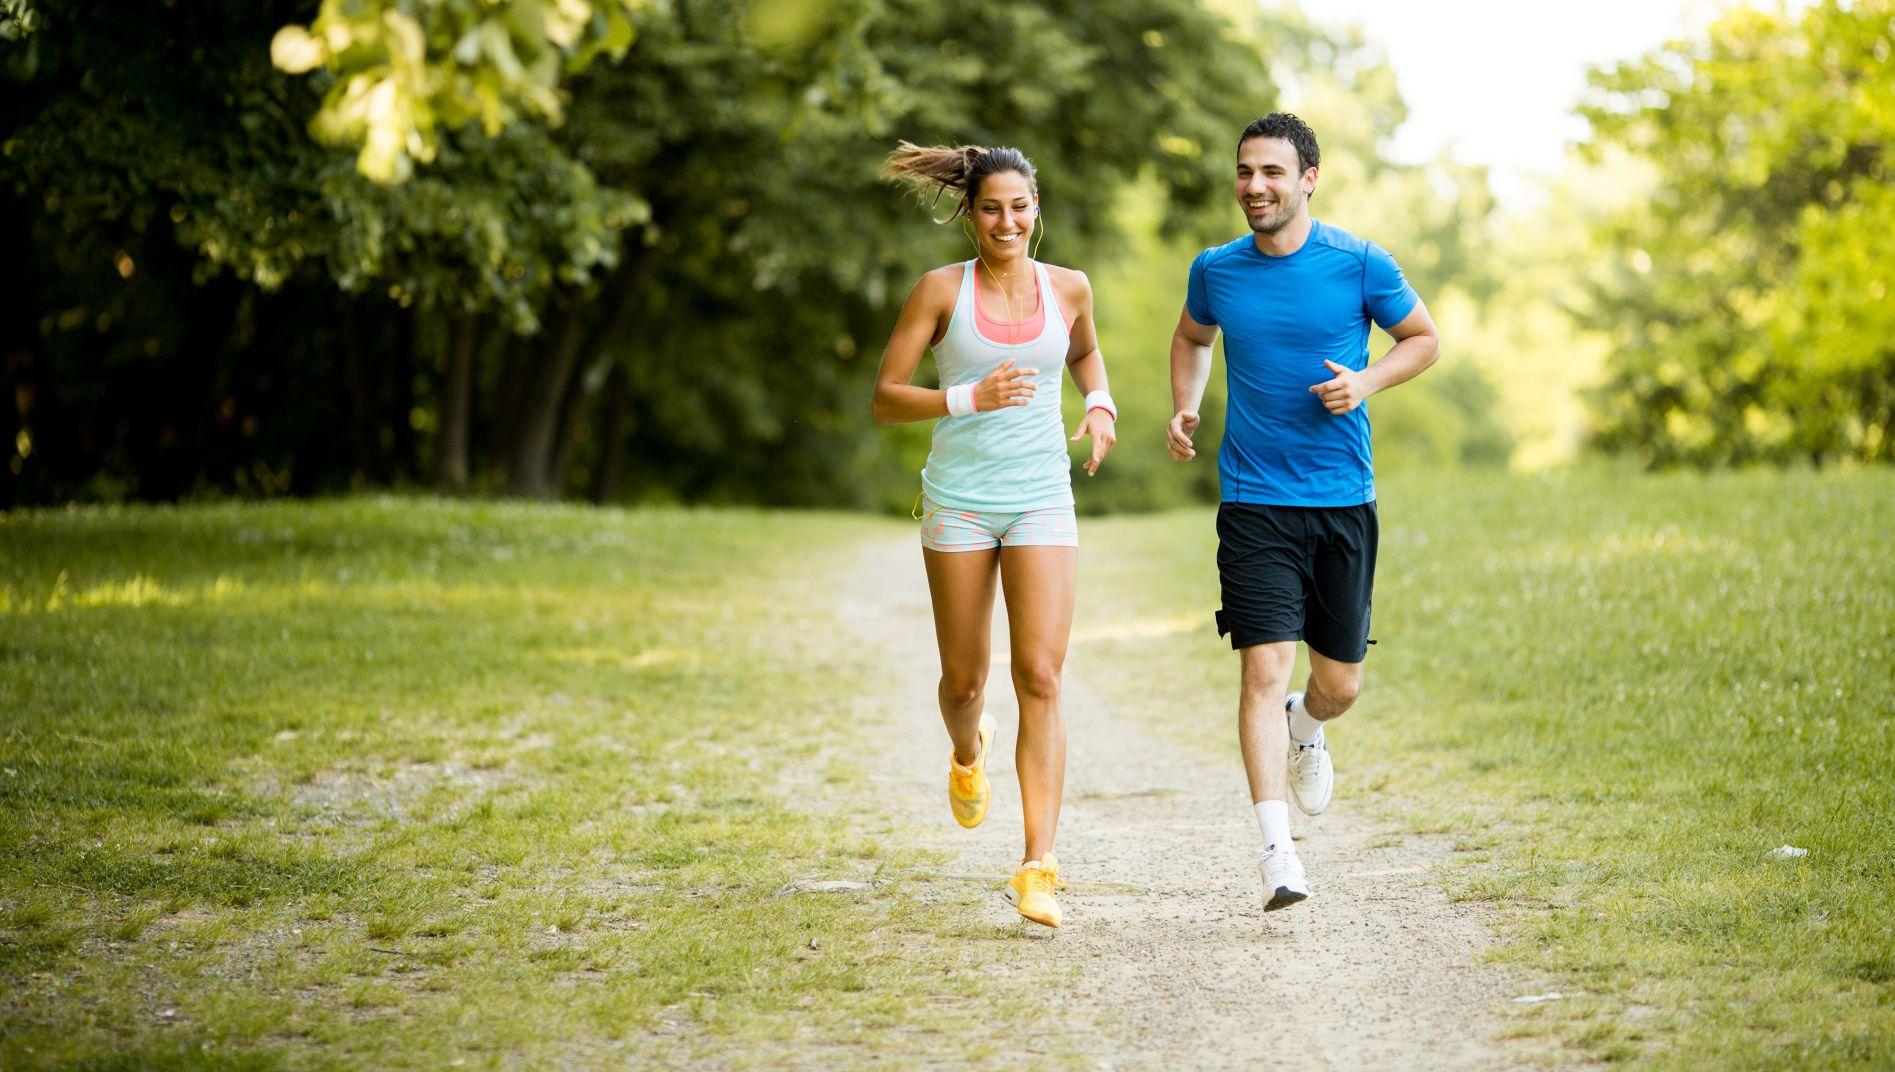 modul în care alergarea afectează vederea Am minus o viziune și jumătate